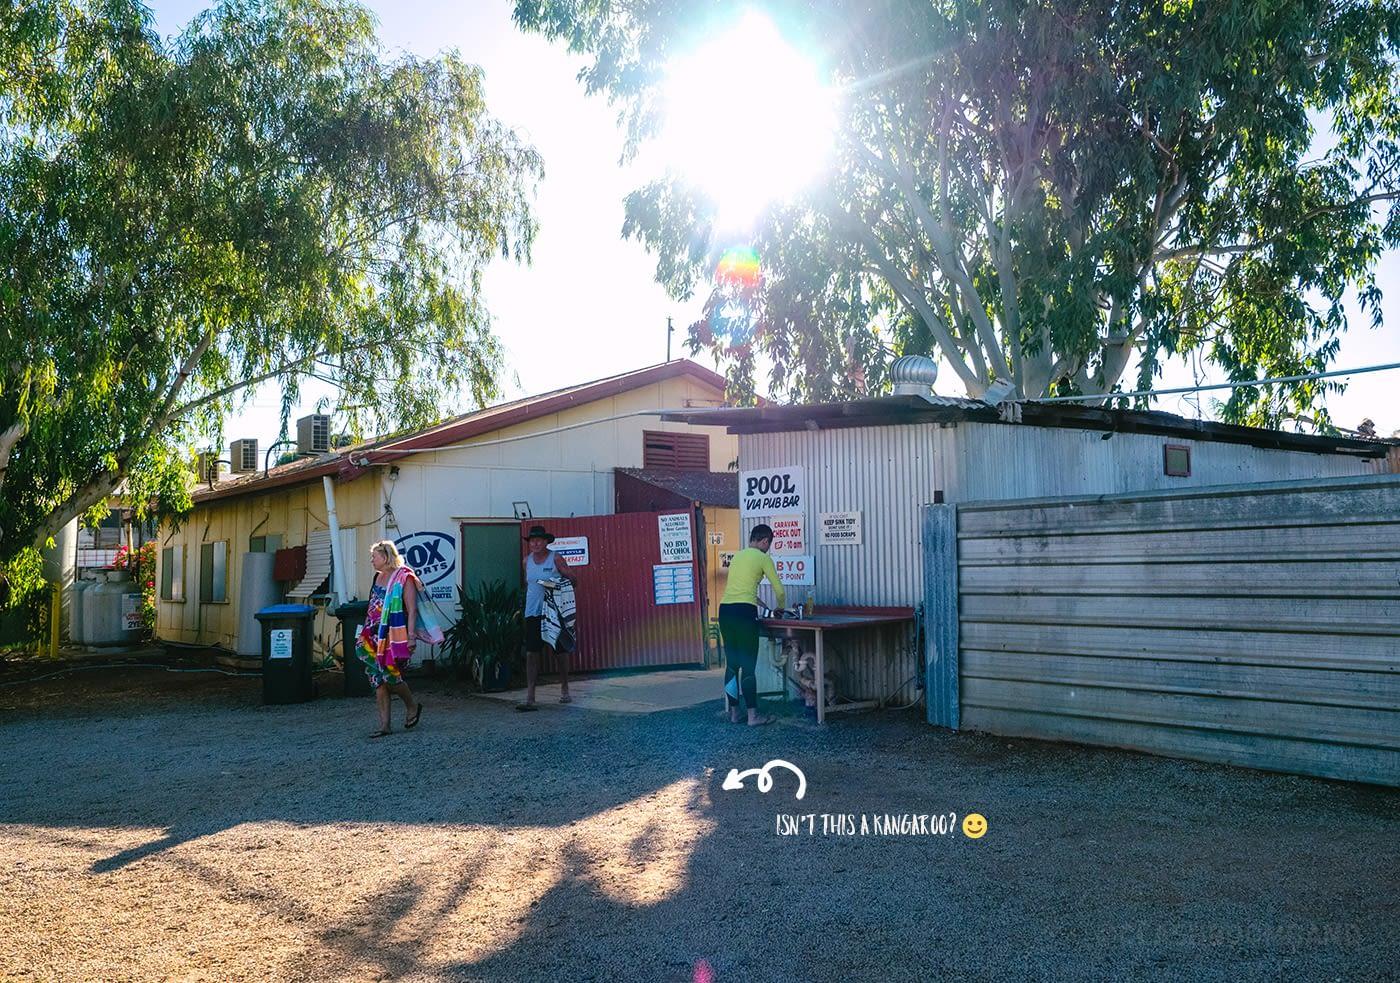 NT Australia - Daly Waters campervan park